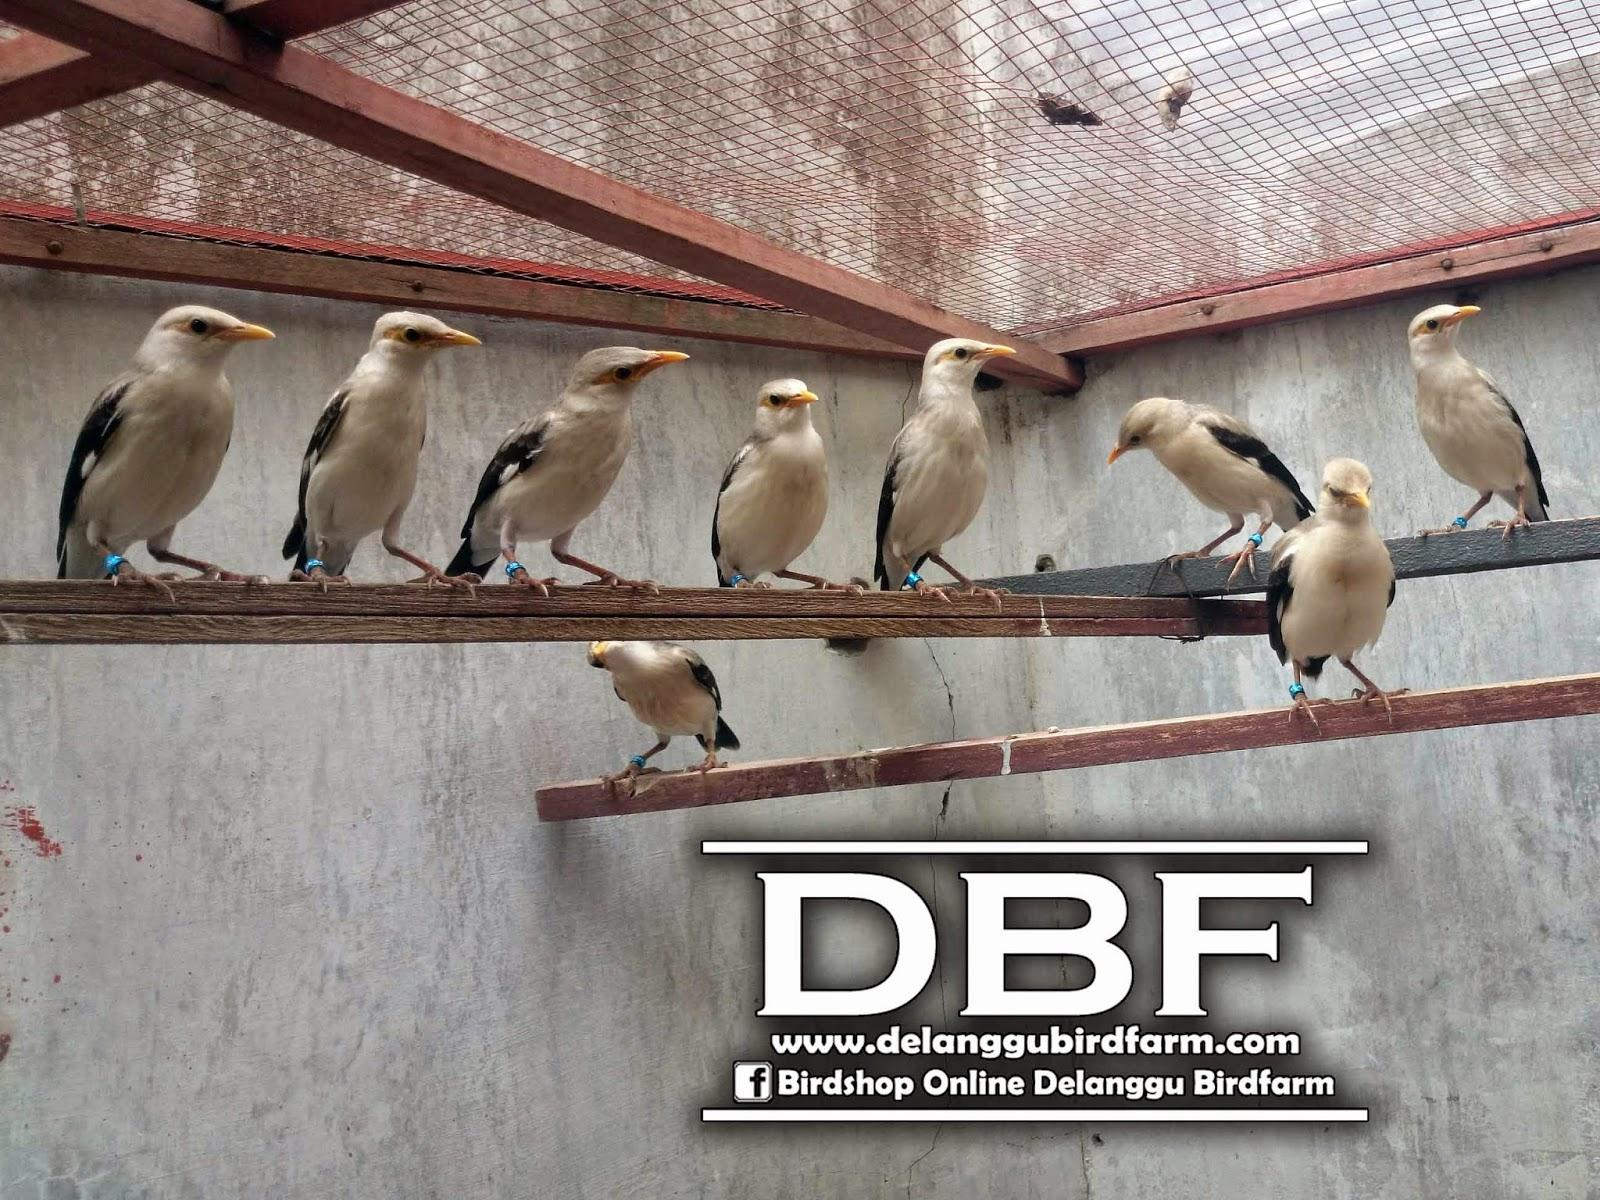 Daftar Harga Burung Jalak Putih Ud Delanggu Birdfarm